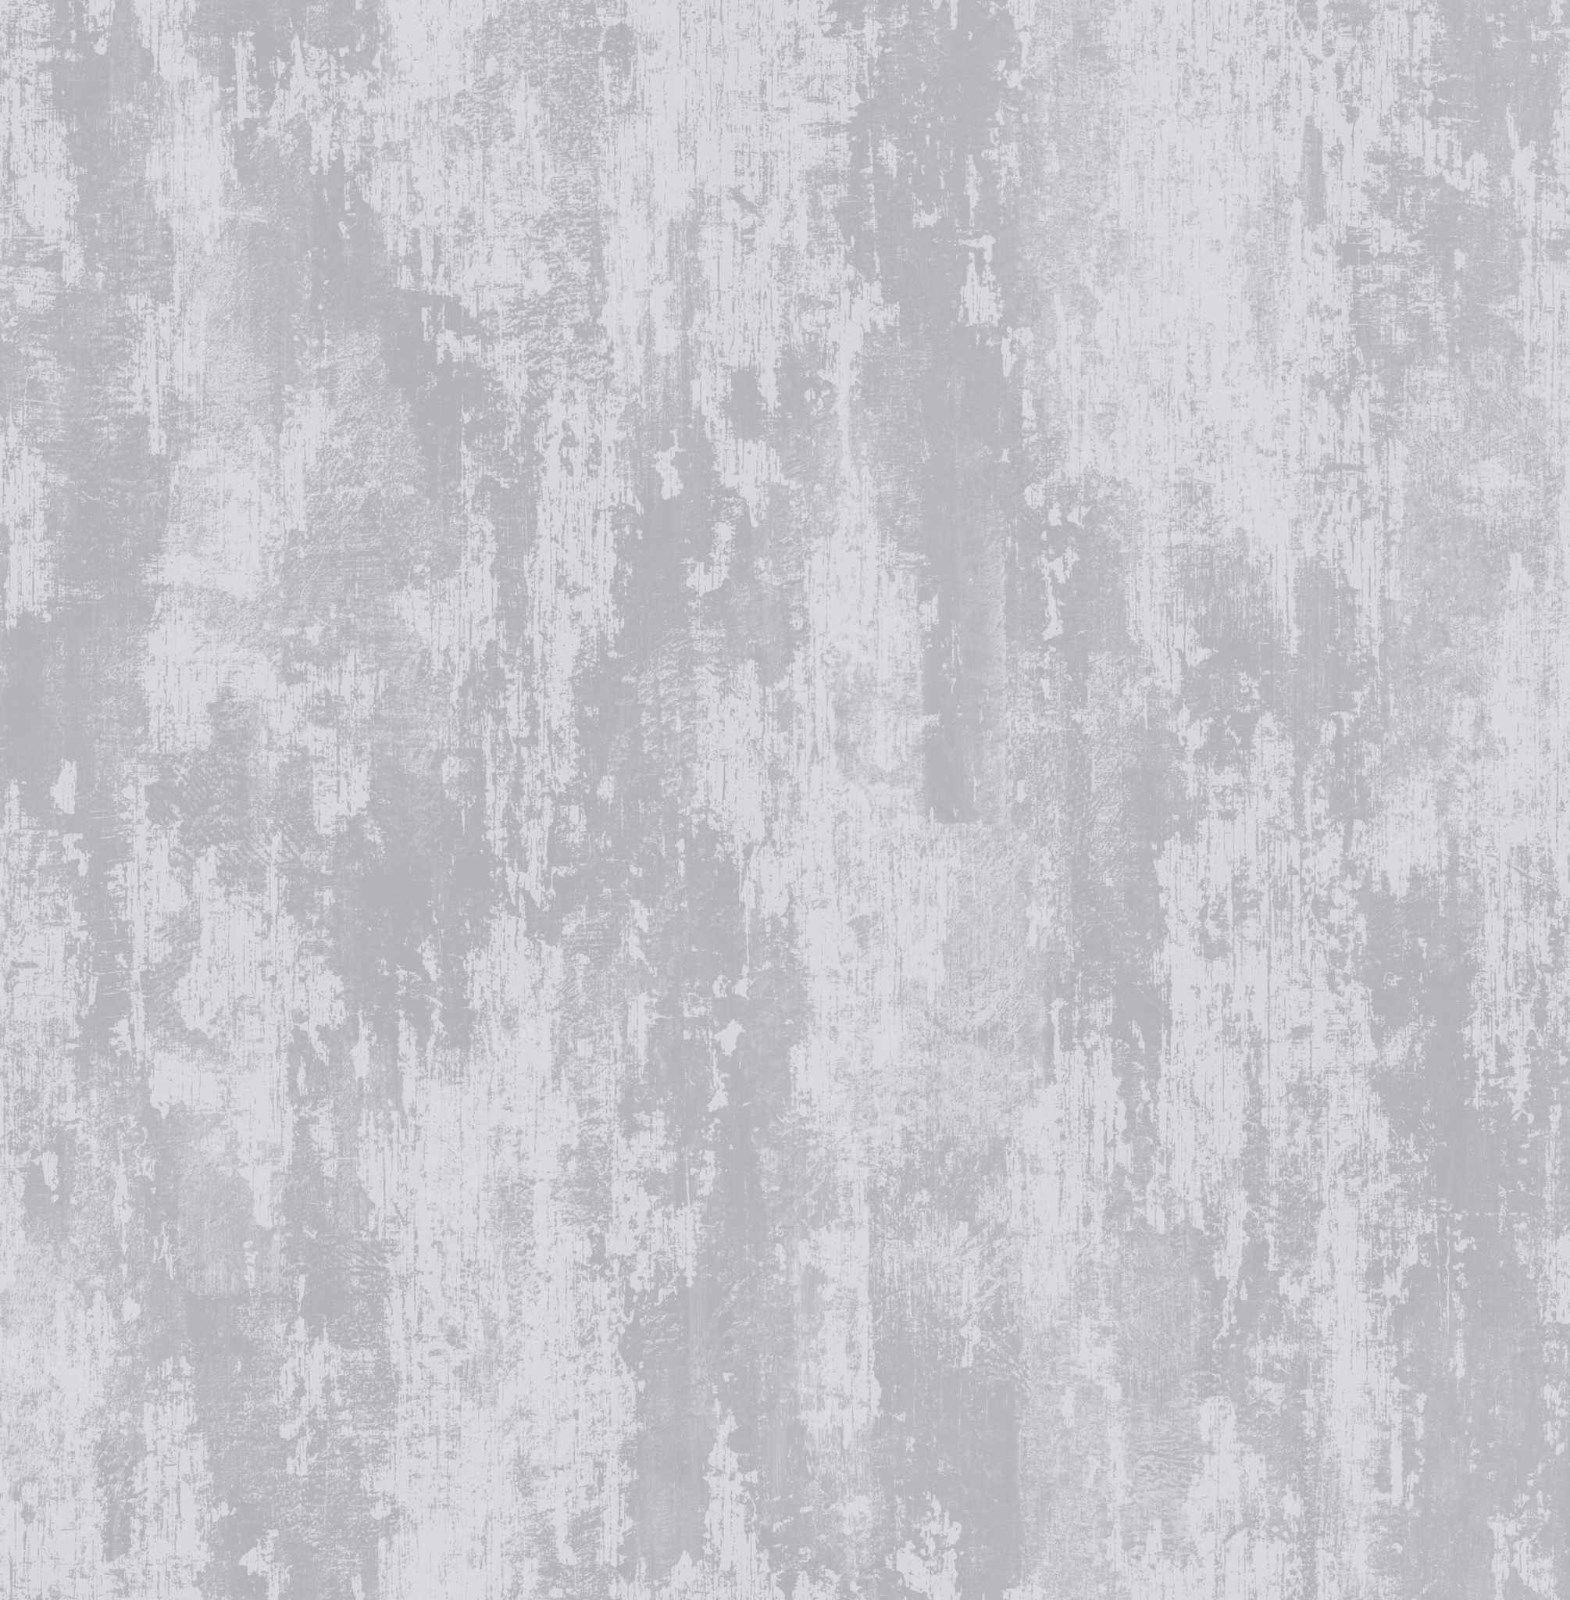 Best Wallpaper Marble Silver - s-l1600-8  Snapshot_303771.jpg?fit\u003d1570%2C1600\u0026ssl\u003d1